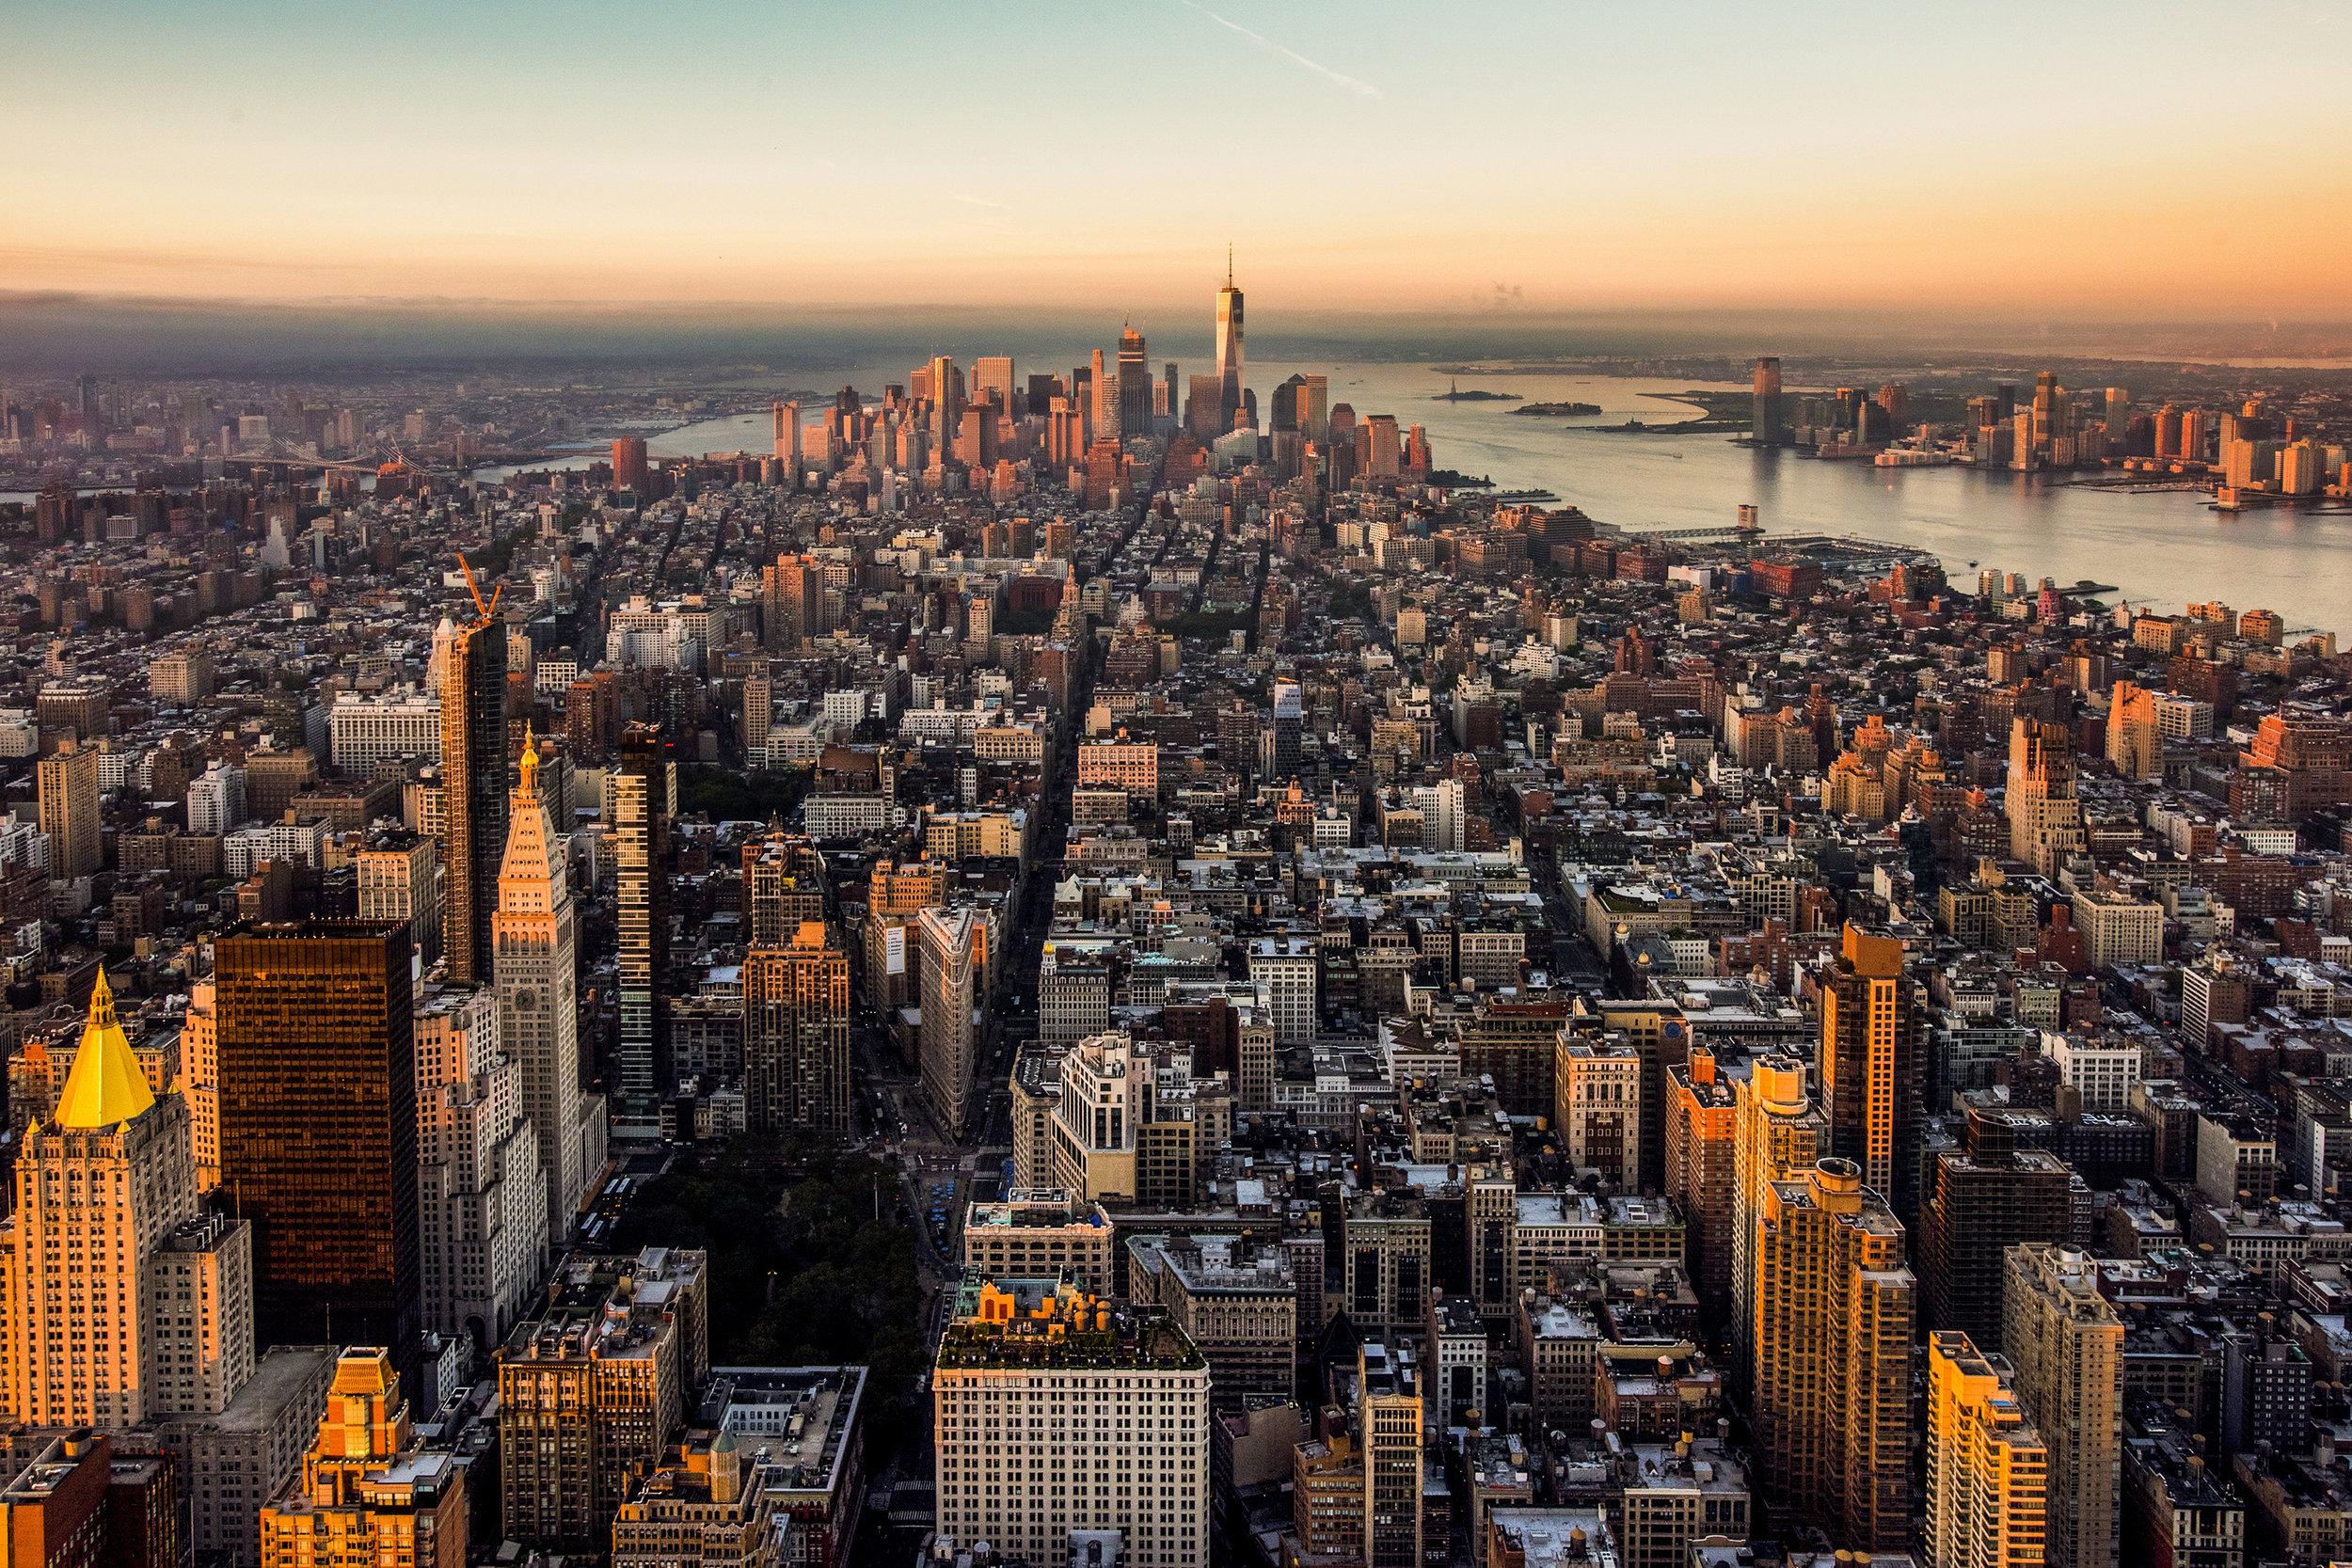 _EmpireStateBuilding_JulienneSchaer_Manhattan_NYC_055_2a0b62e3-1f5e-4330-9ac3-8f4c7163d09a.jpg